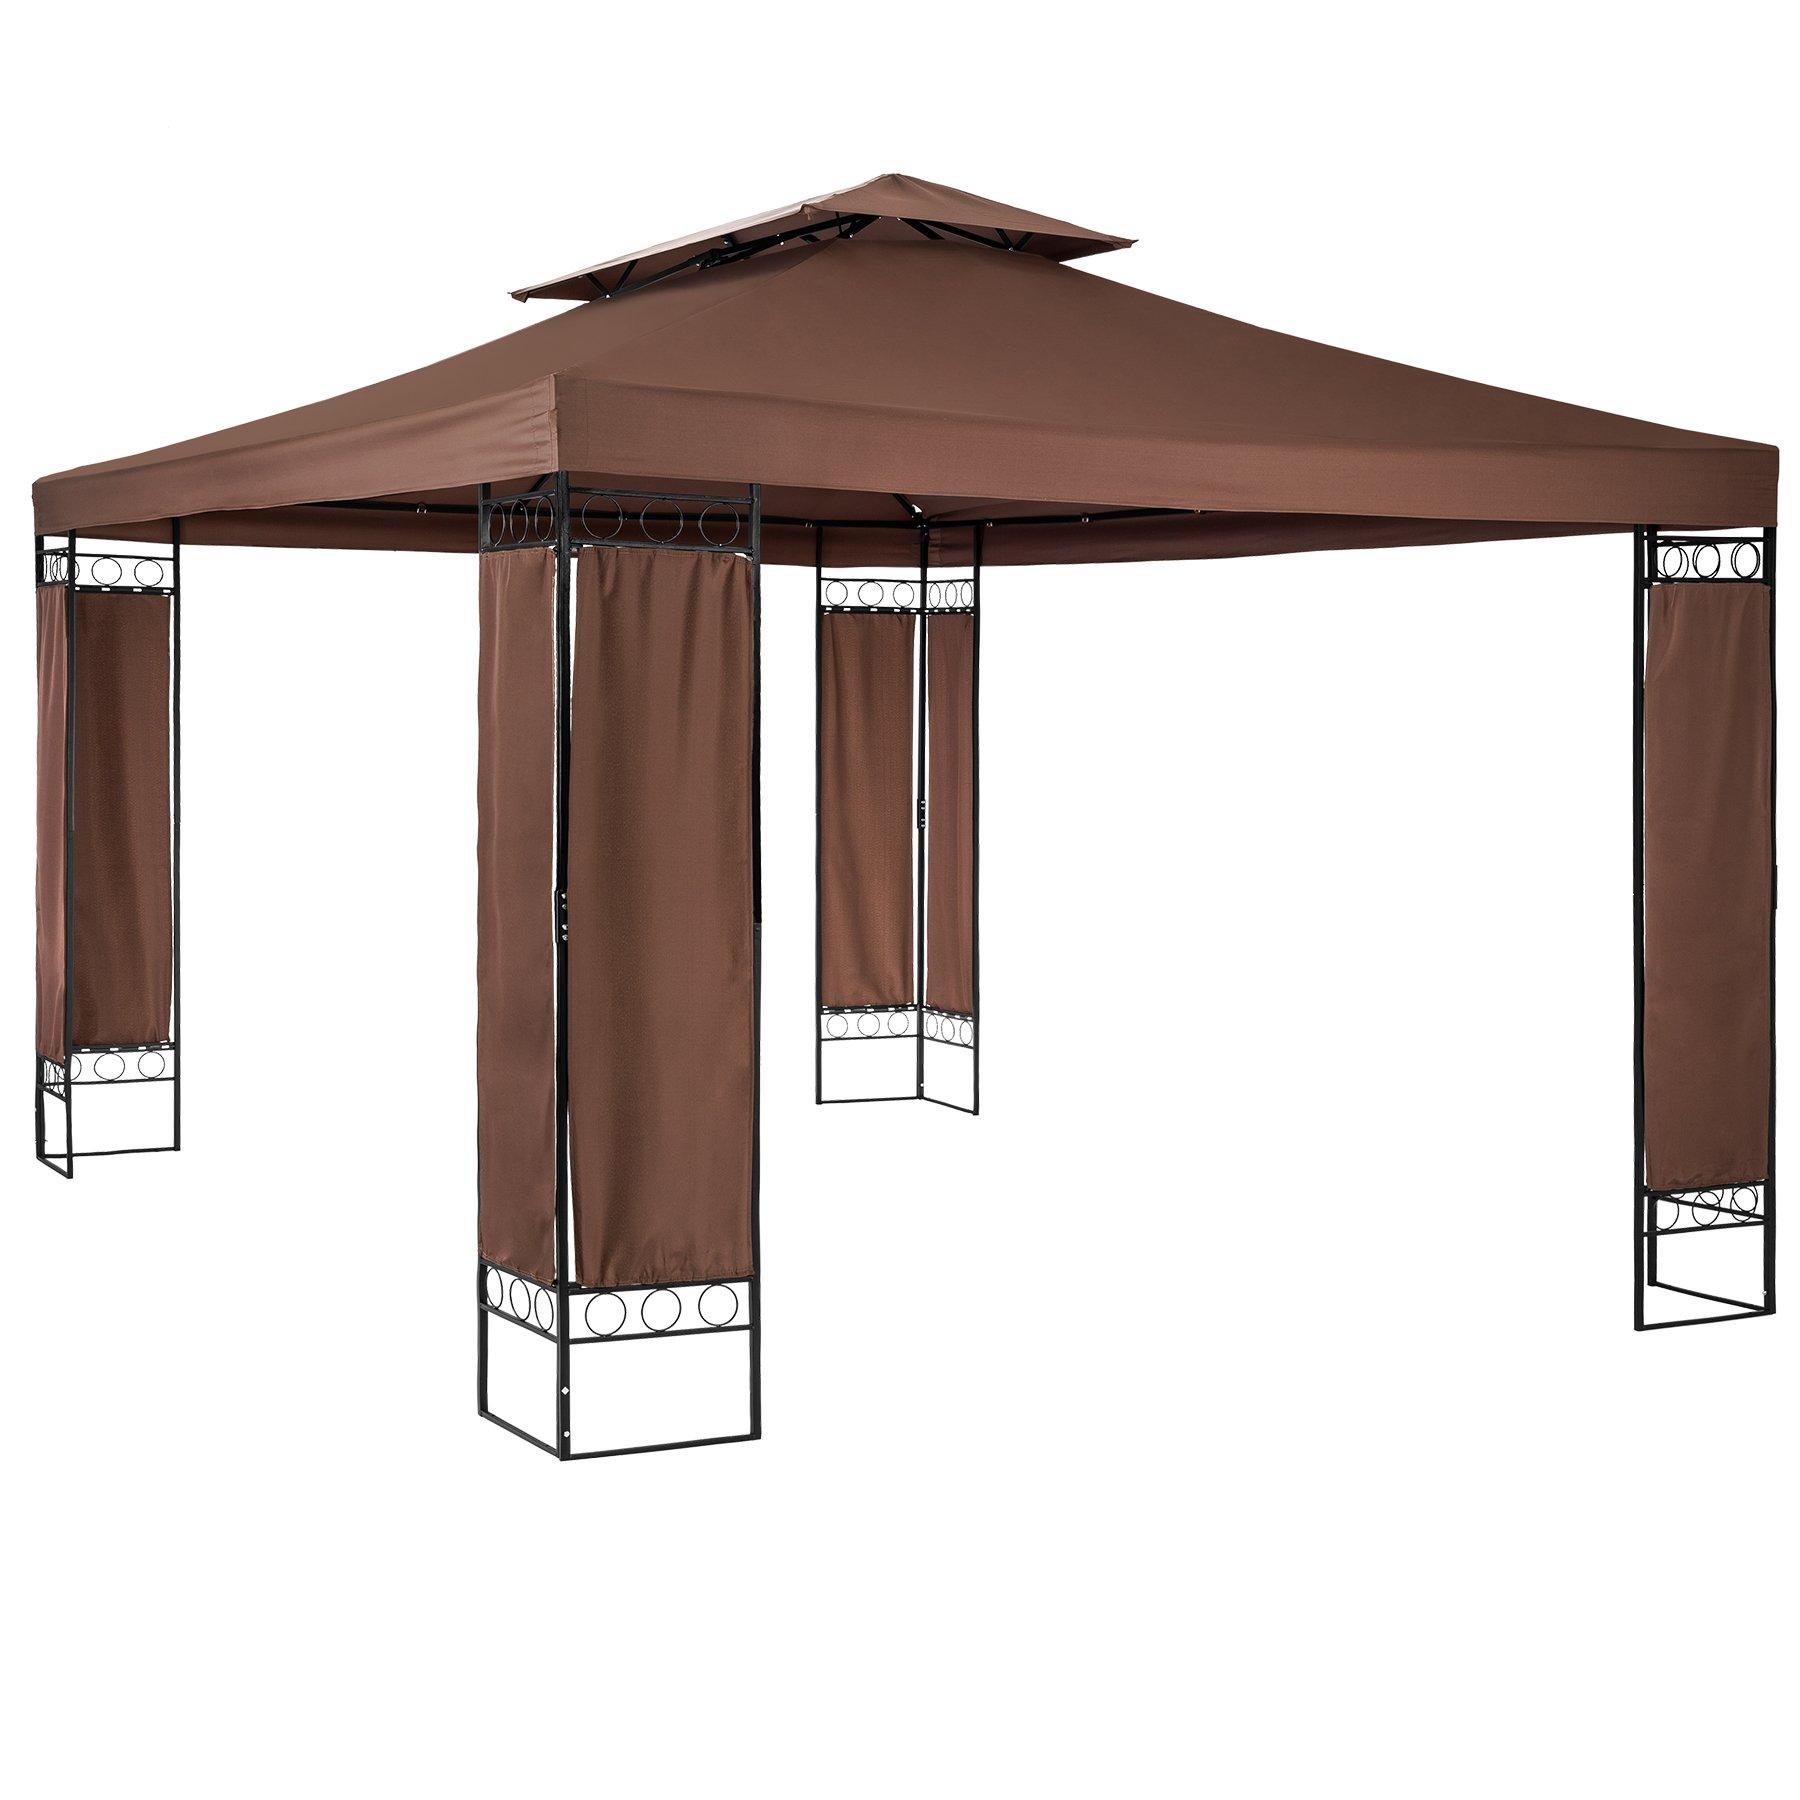 TecTake Carpa pabellón Tienda de Jardin 390x290x265 cm | Incl. Elementos en Esquina con Revestimiento de Tela (Marròn | no. 402464): Amazon.es: Deportes y aire libre